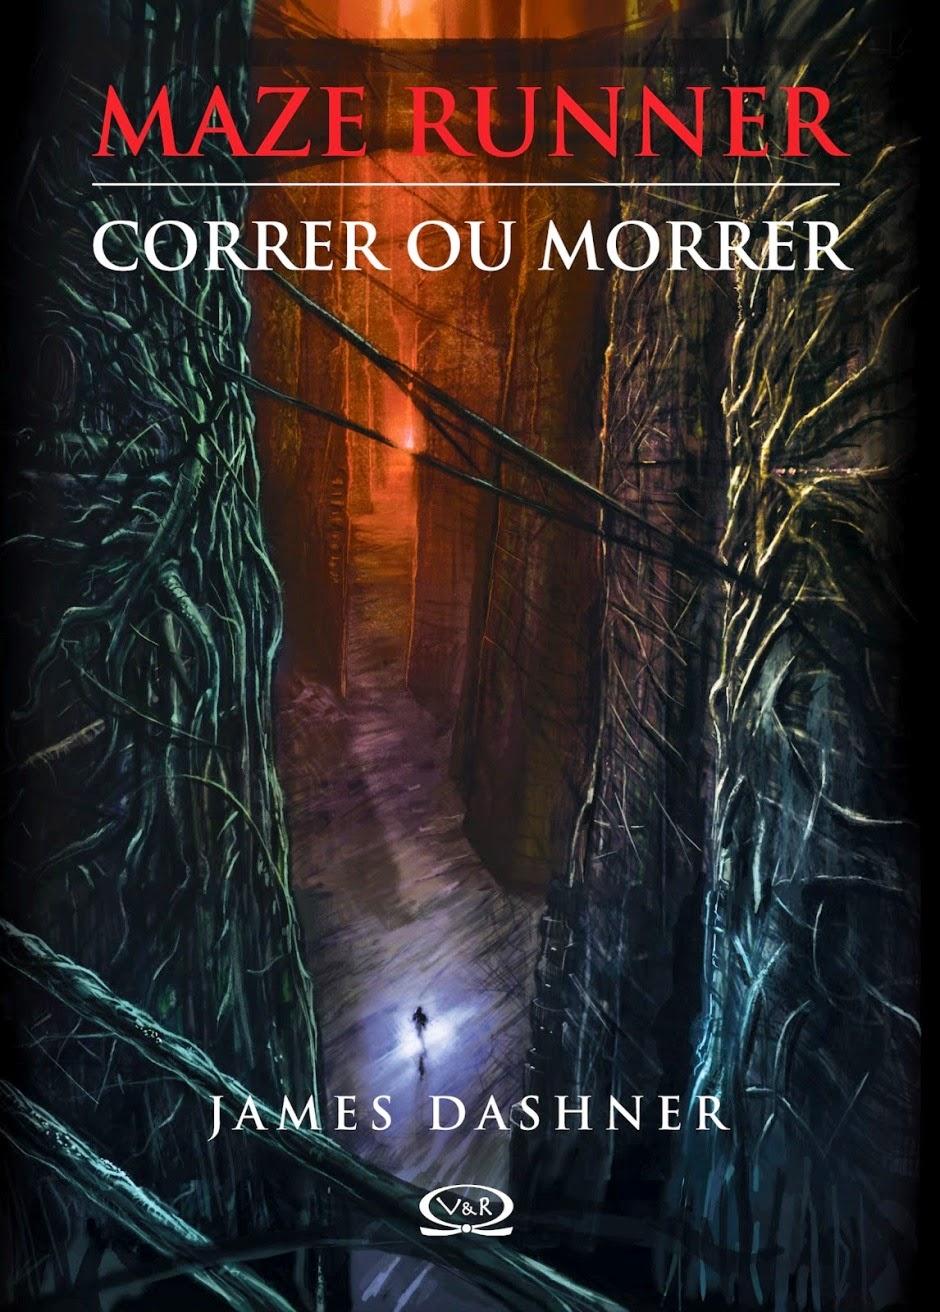 Resenha do livro Maze Runner: correr ou morrer